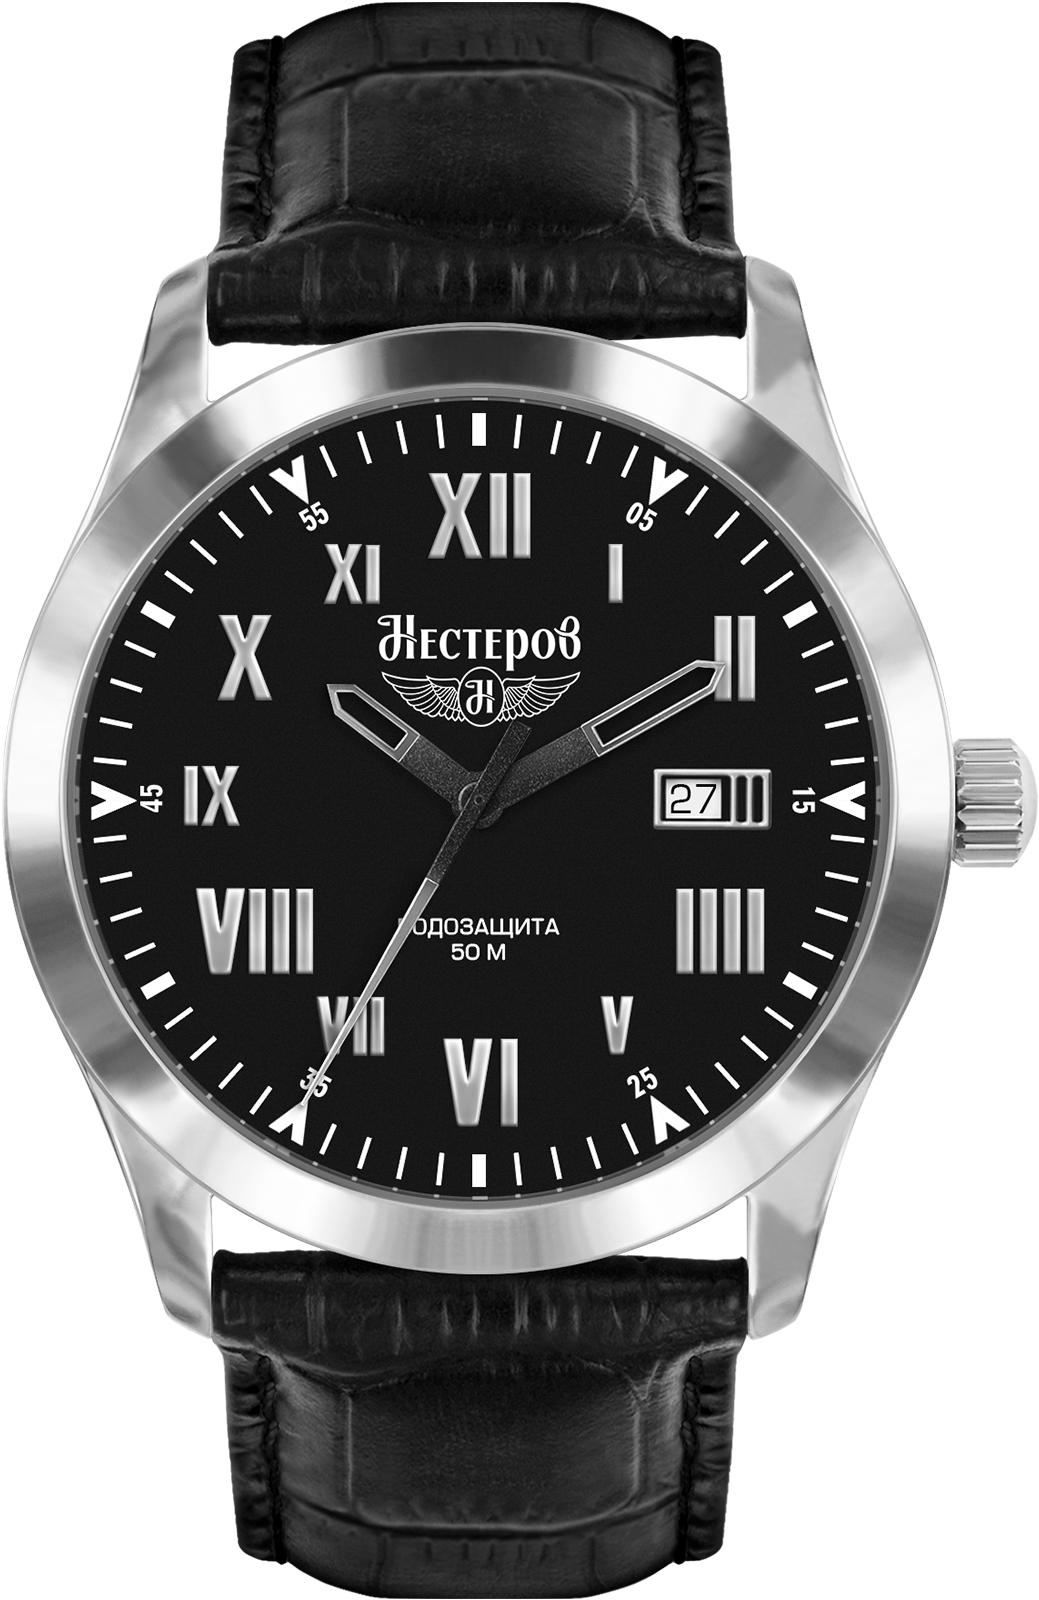 Часы Нестеров H0959E02-03E цены